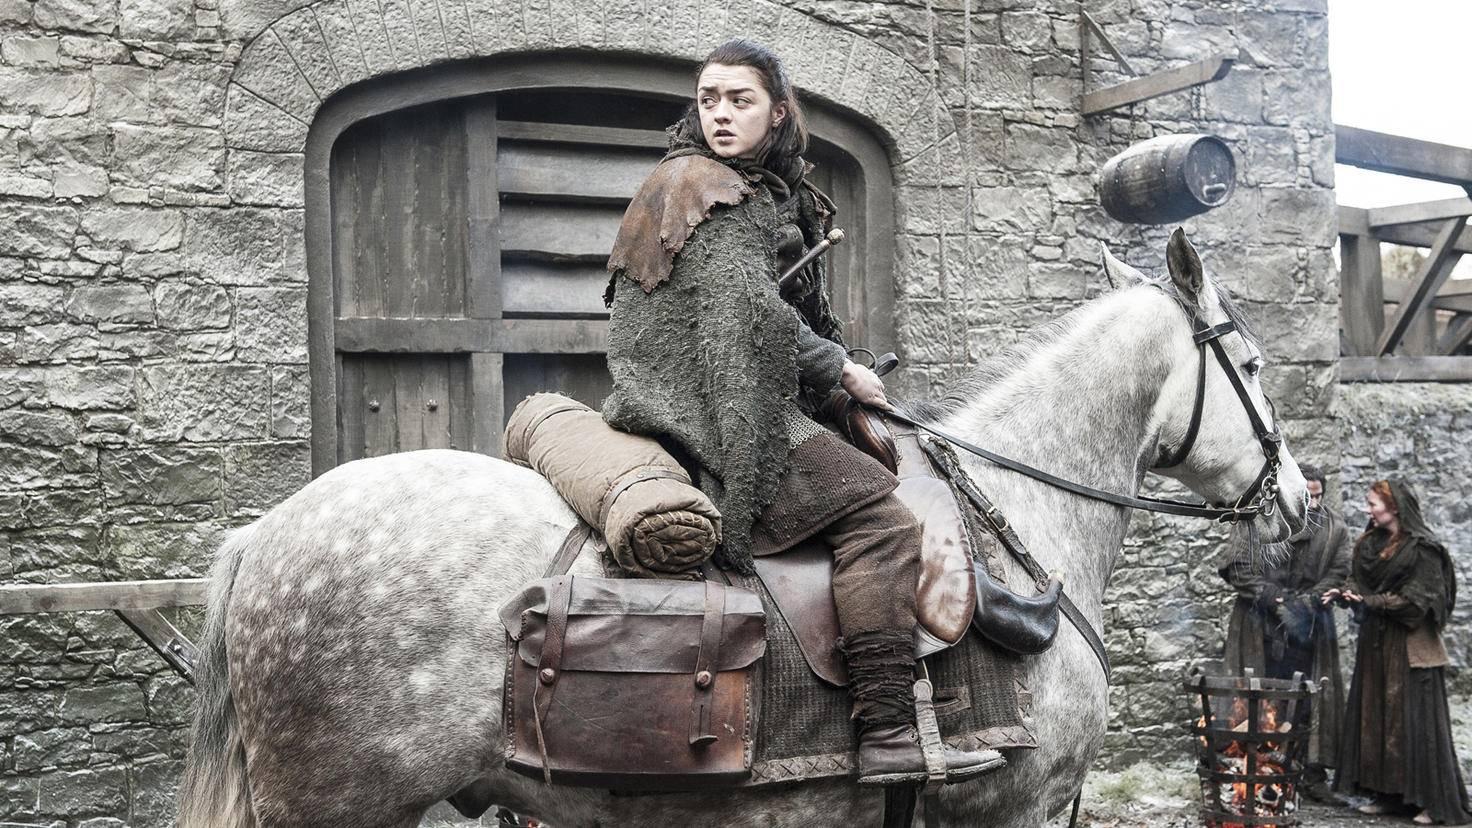 Königsmund oder Winterfell? Arya muss eine Entscheidung treffen.